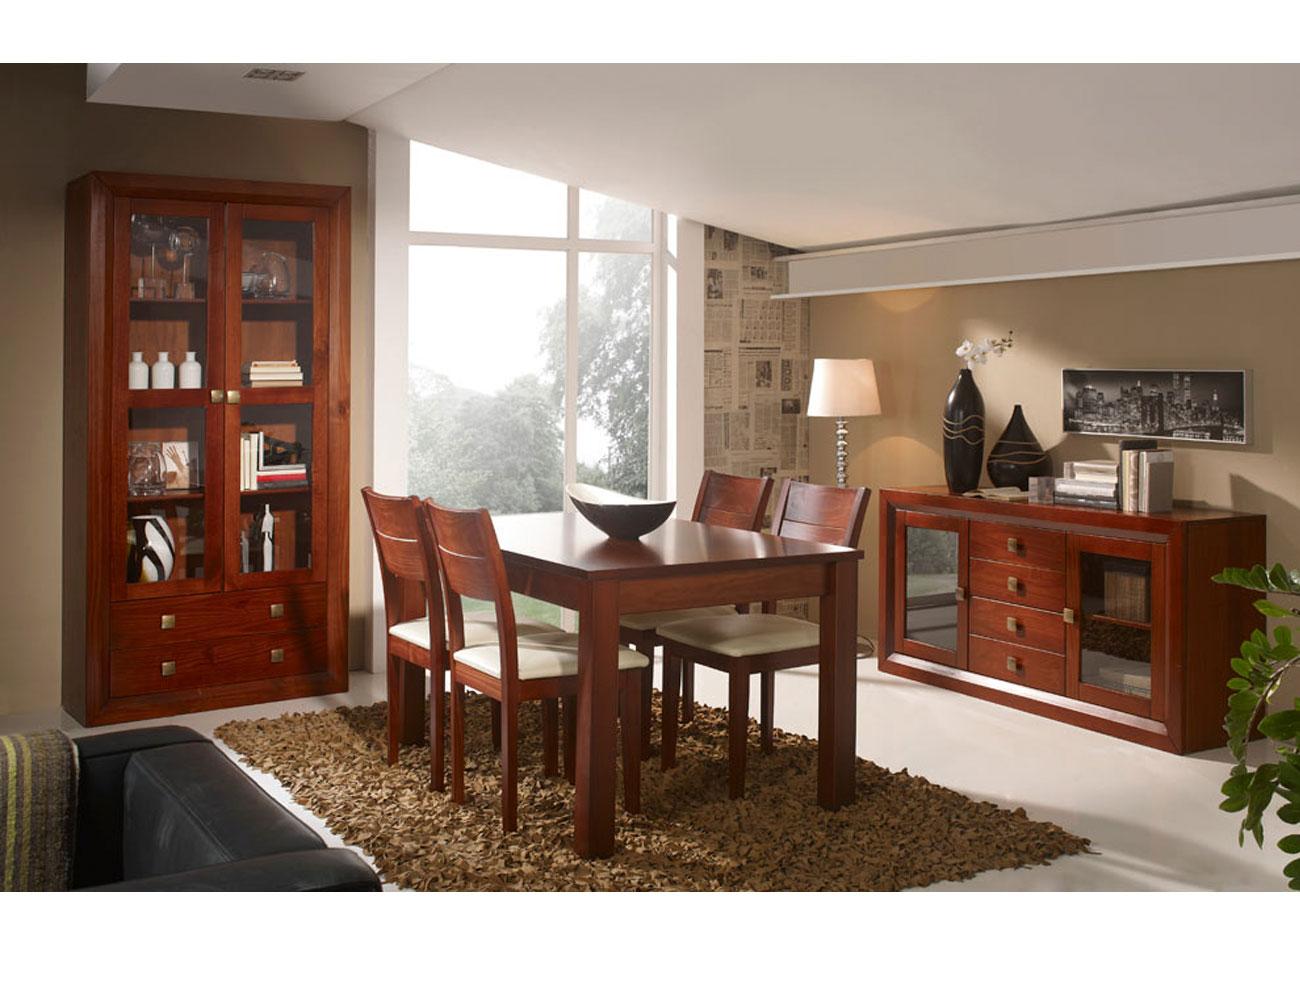 Muebles de sal n comedor color nogal en madera dm con for Muebles de salon lacados